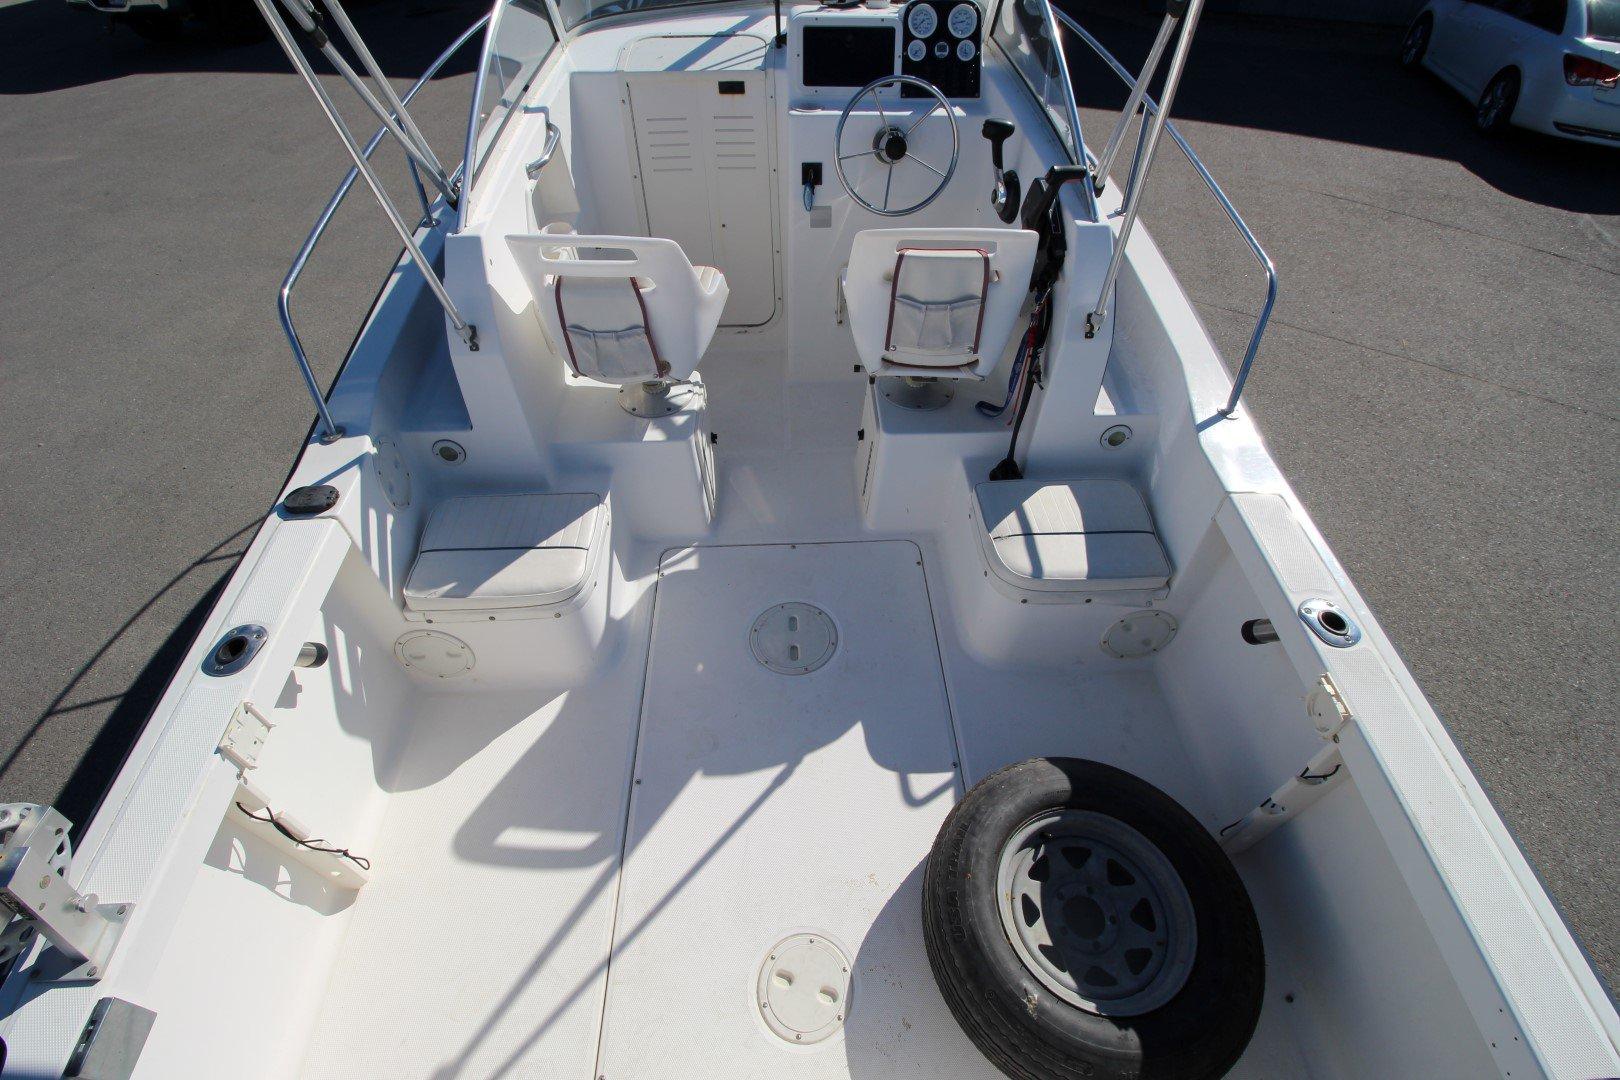 Sea Hunt Victory 215 - IMG_0892